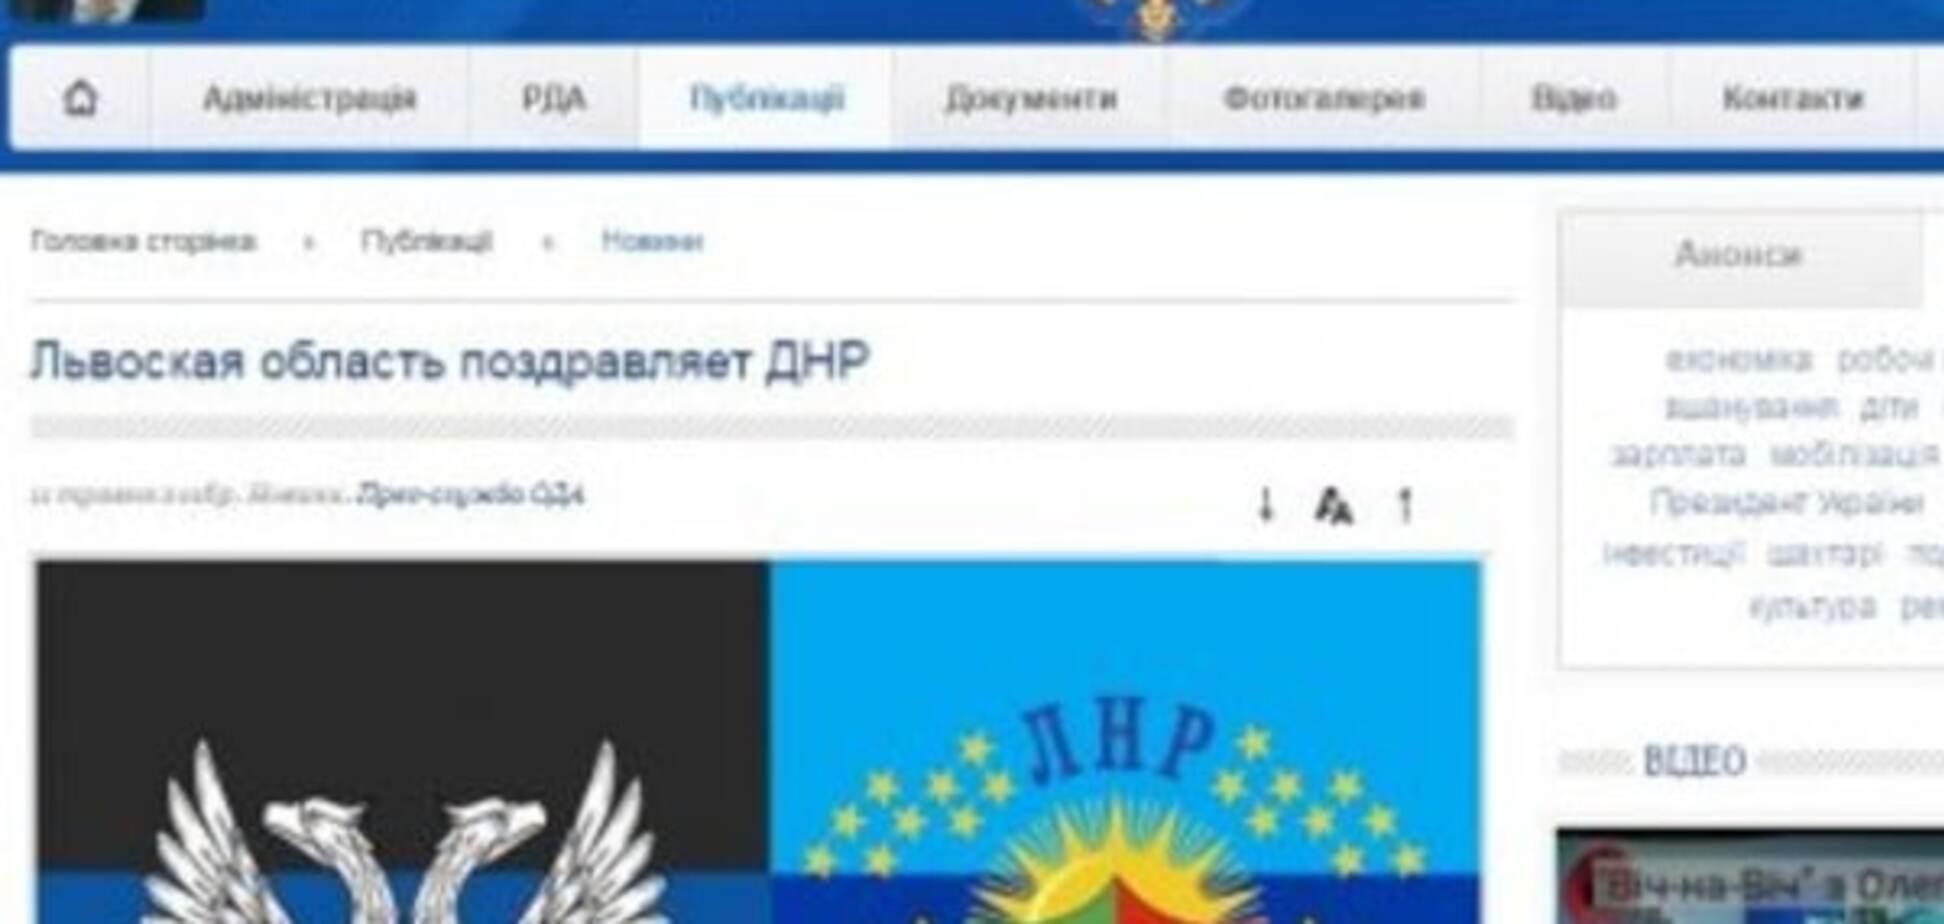 Хакери зламали сайт Львівської ОДА і розмістили на ньому привітання для 'ДНР' та 'ЛНР'